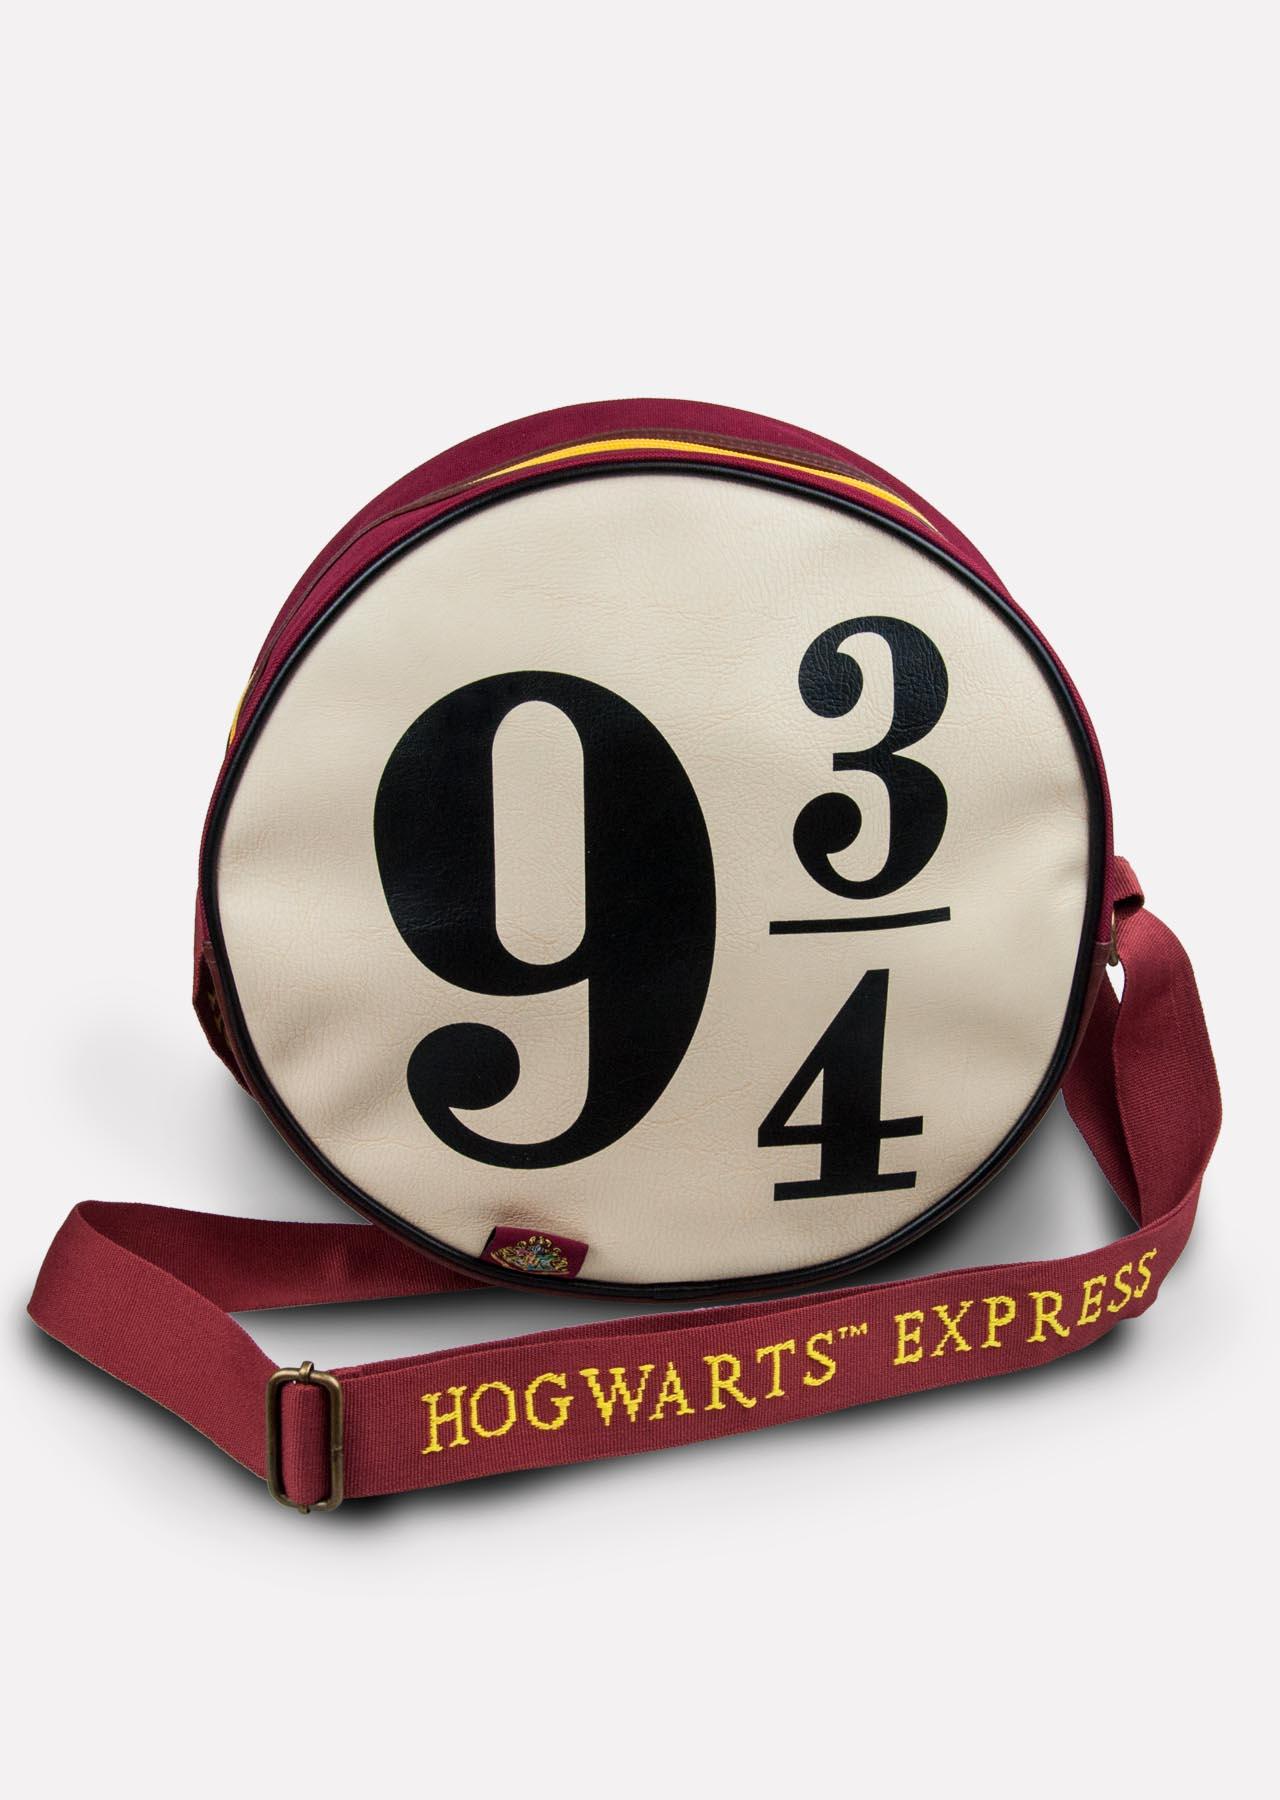 Harry Potter Hogwarts Express 9 3 4 Satchel Bag Groovy Uk